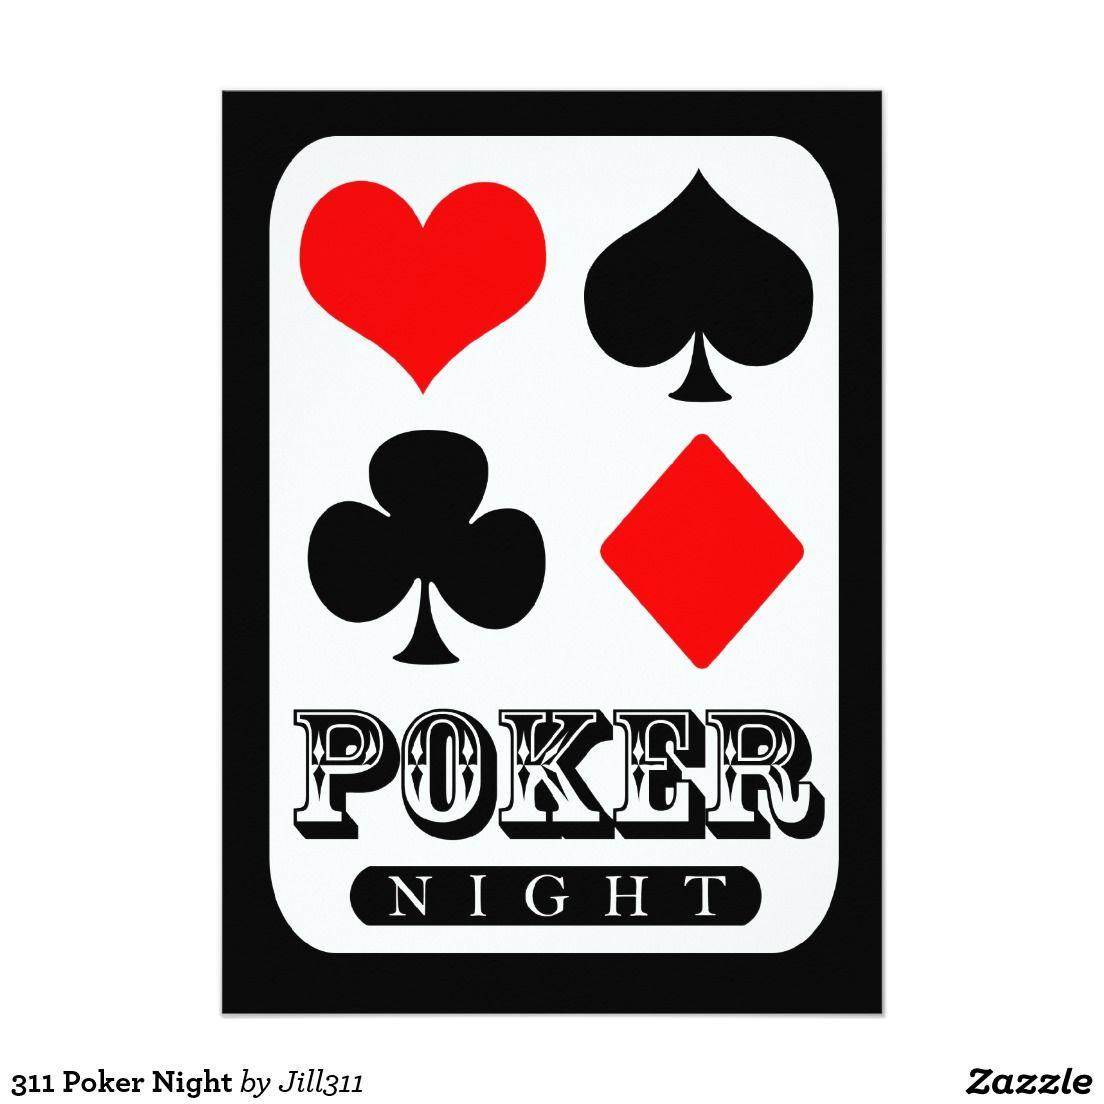 311 Poker Night Invitation in 2018   Poker Theme Birthday Party ...